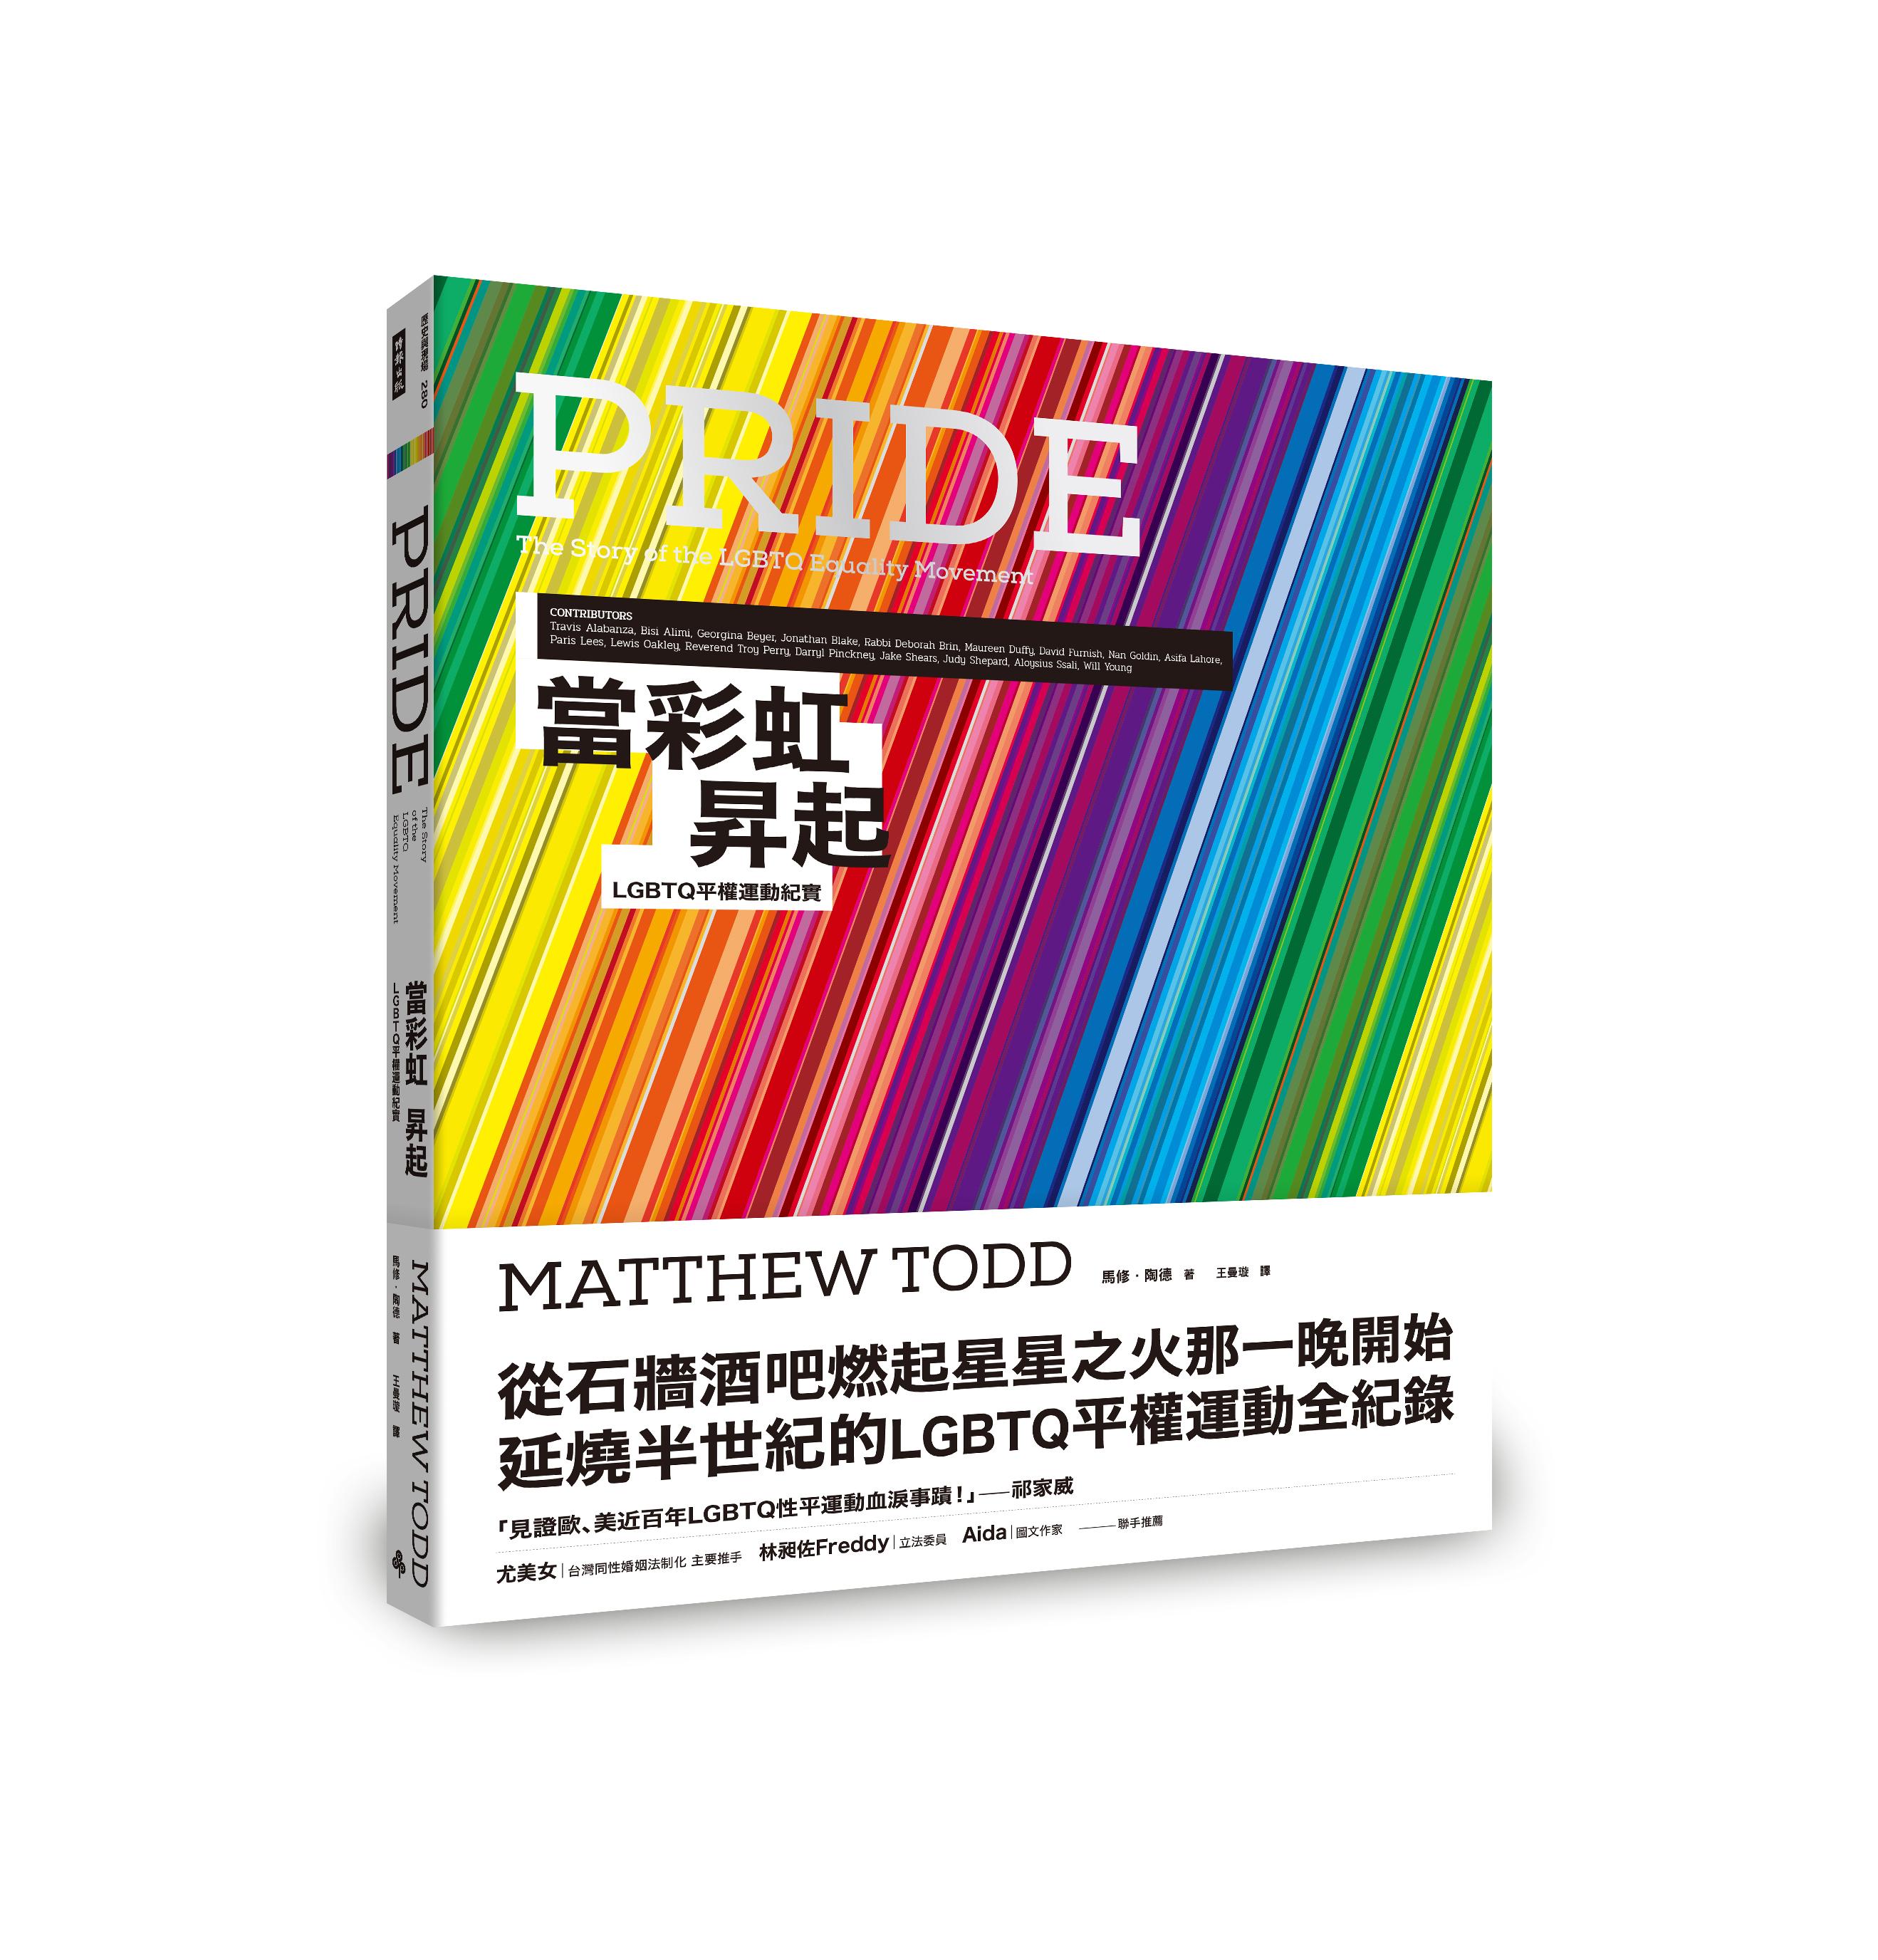 《當彩虹昇起:LGBTQ平權運動紀實》見證百年性平運動血淚事蹟,捍衛得來不易的權利